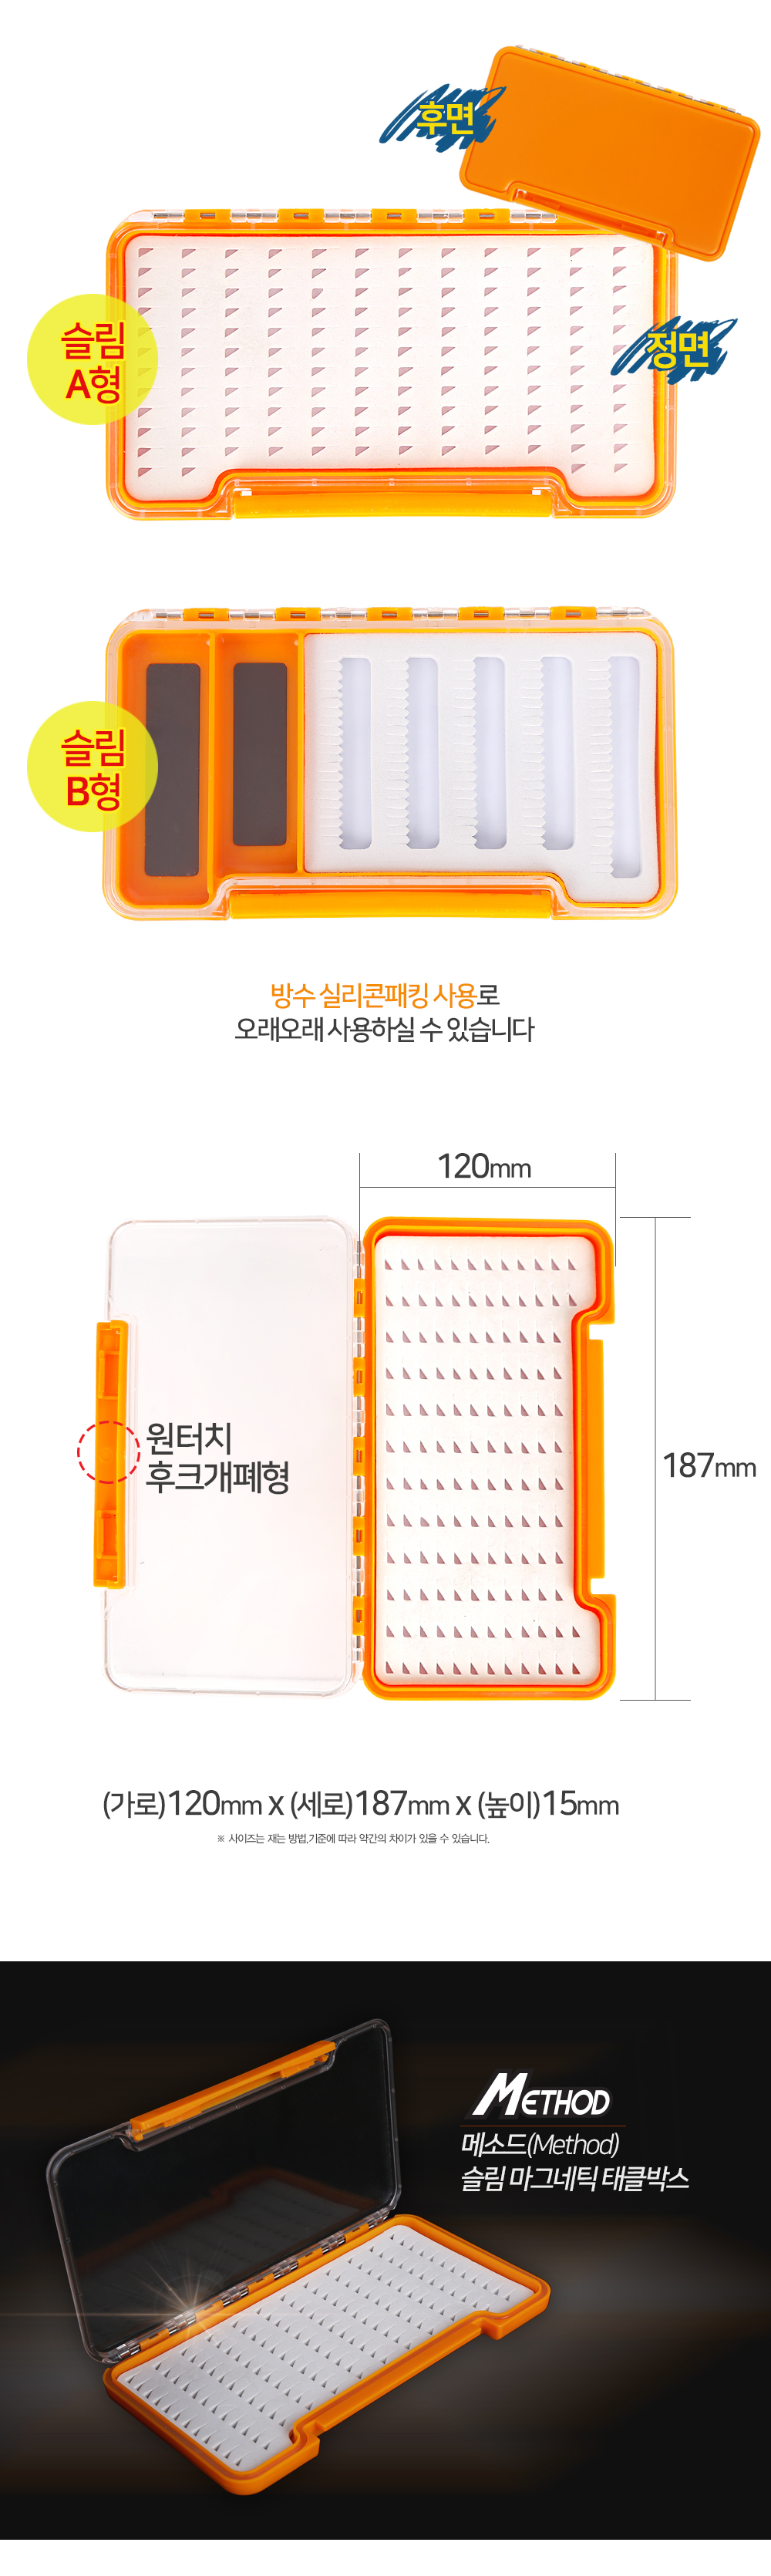 메소드(Method) 슬림 마그네틱 태클박스 (싱글훅 및 지그헤드 용) 테클박스 태클박스 지그헤드소품박스 소품박스 소형태클박스 소형수납함